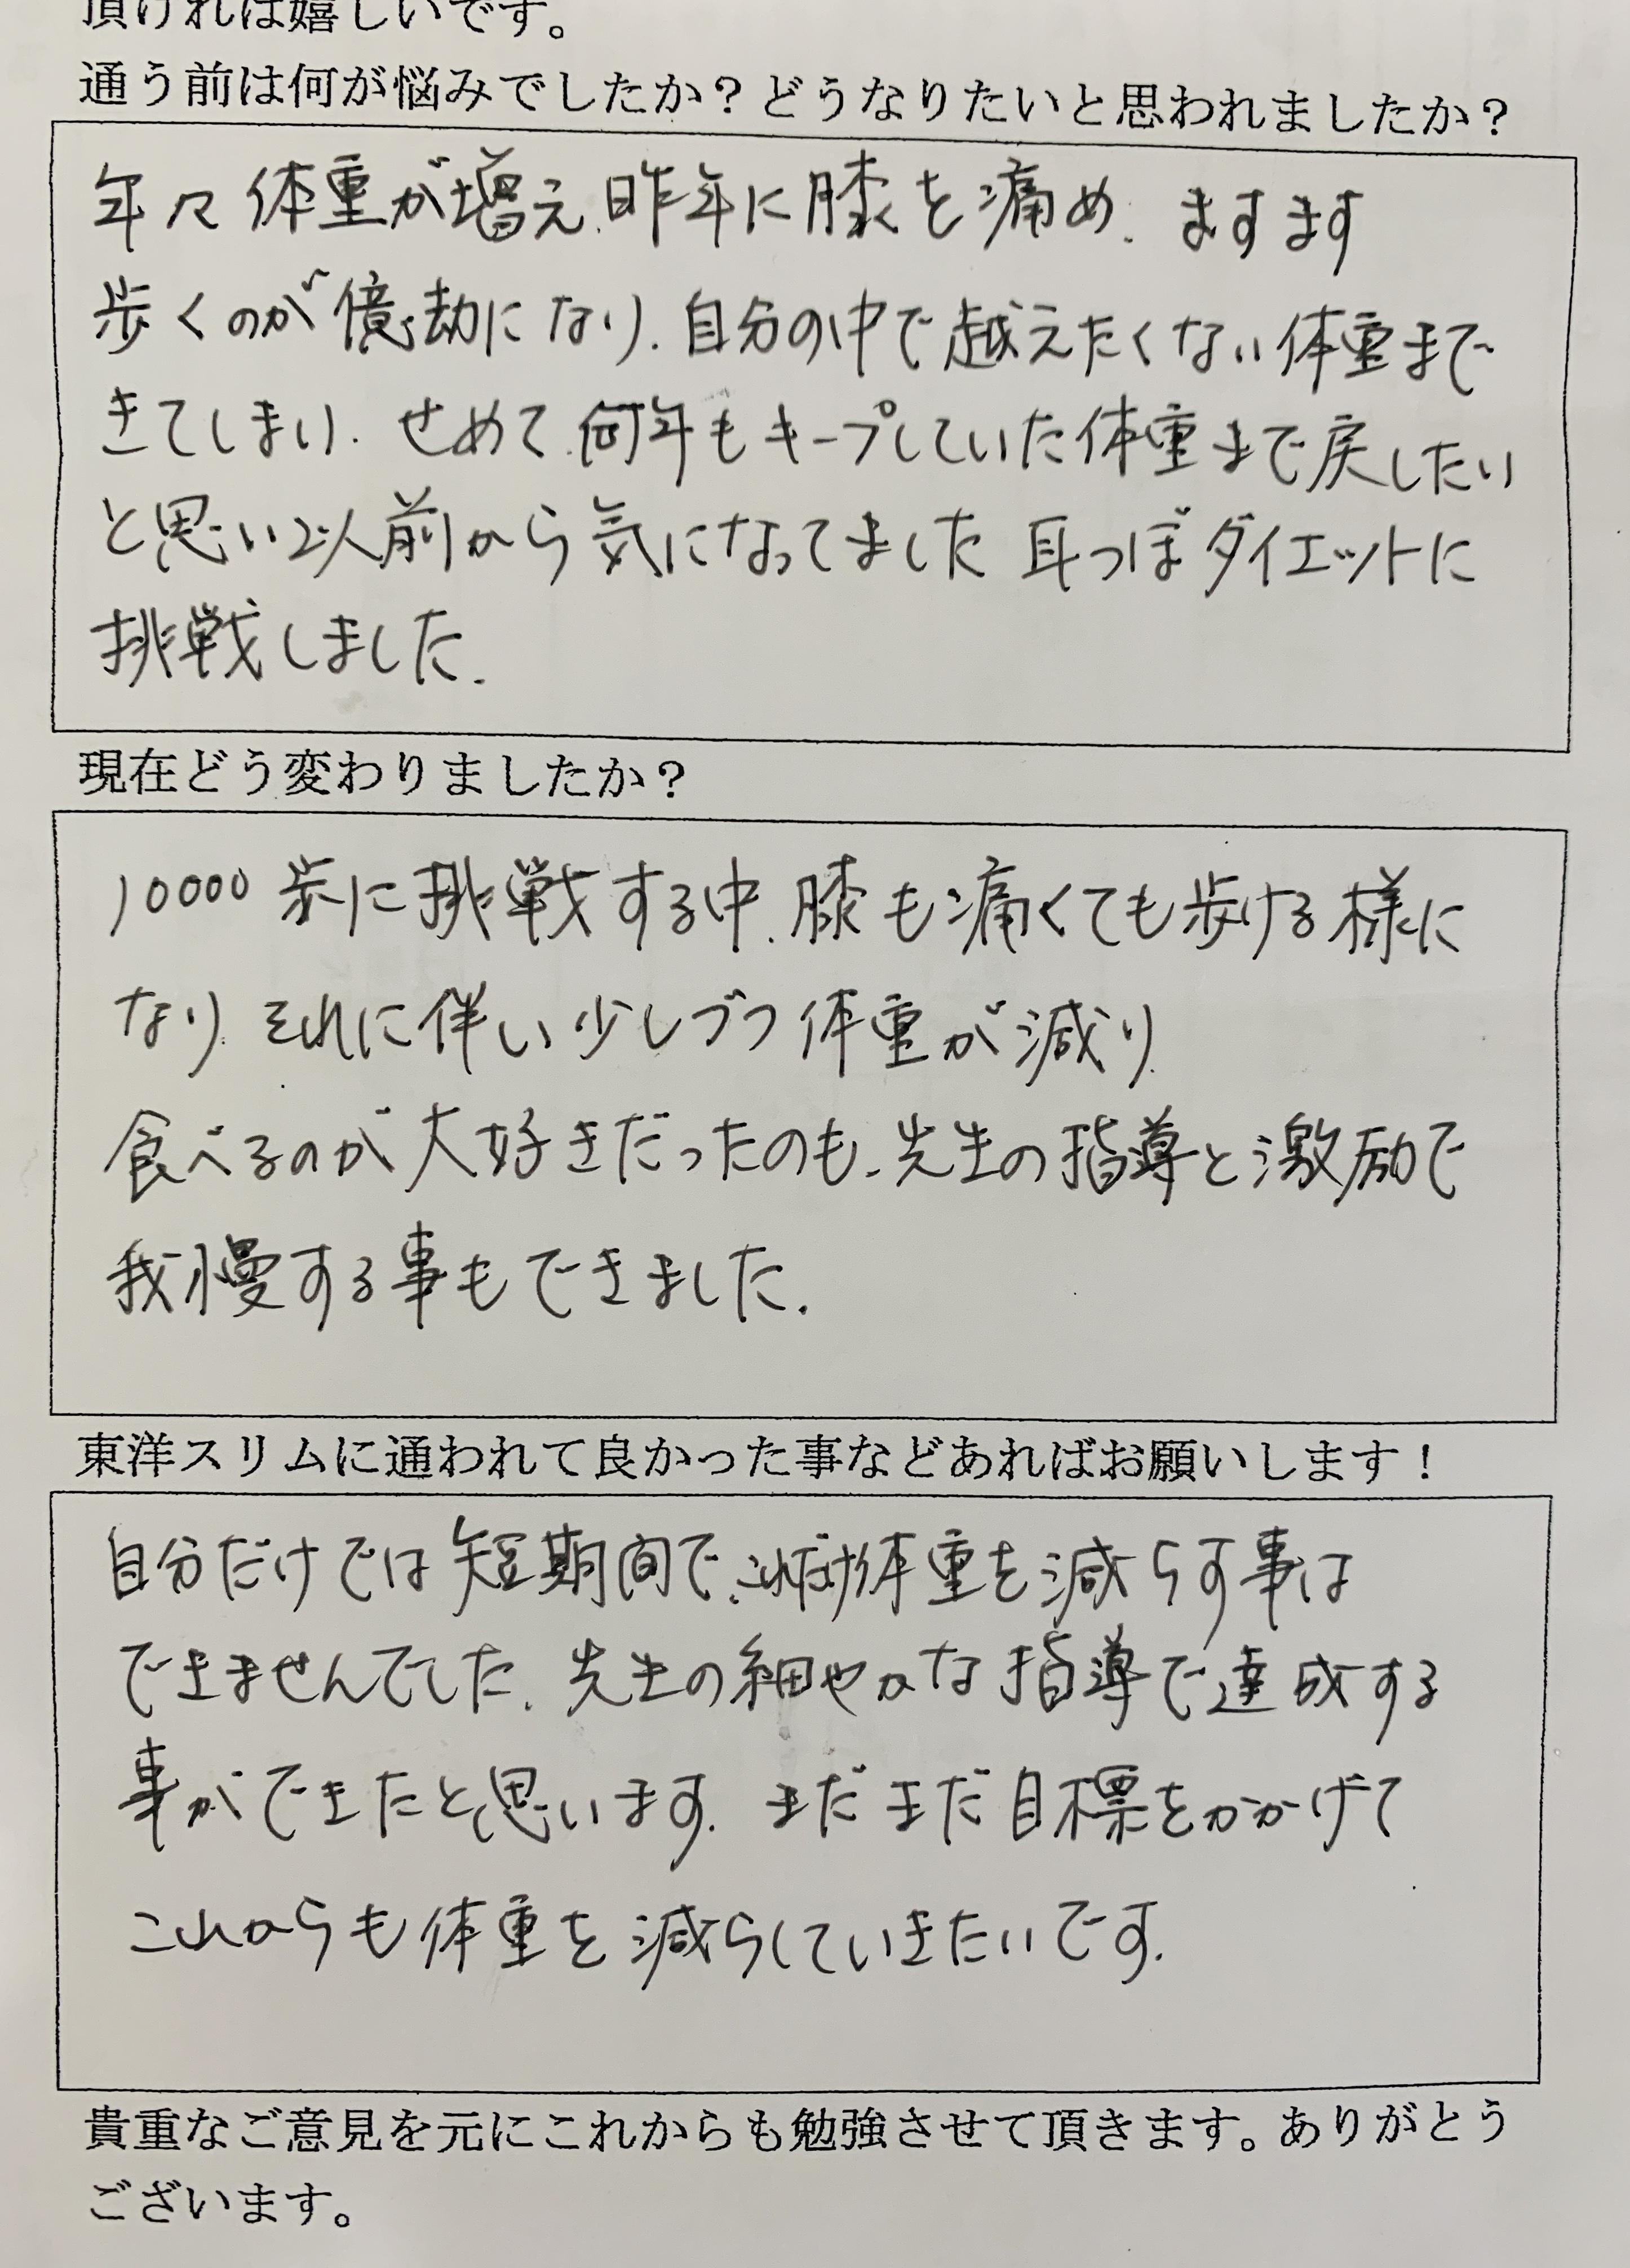 [皆様の声]藤井寺市Kさん(50代後半)自分だけでは短期間でこれだけ体重を減らす事はできませんでした。